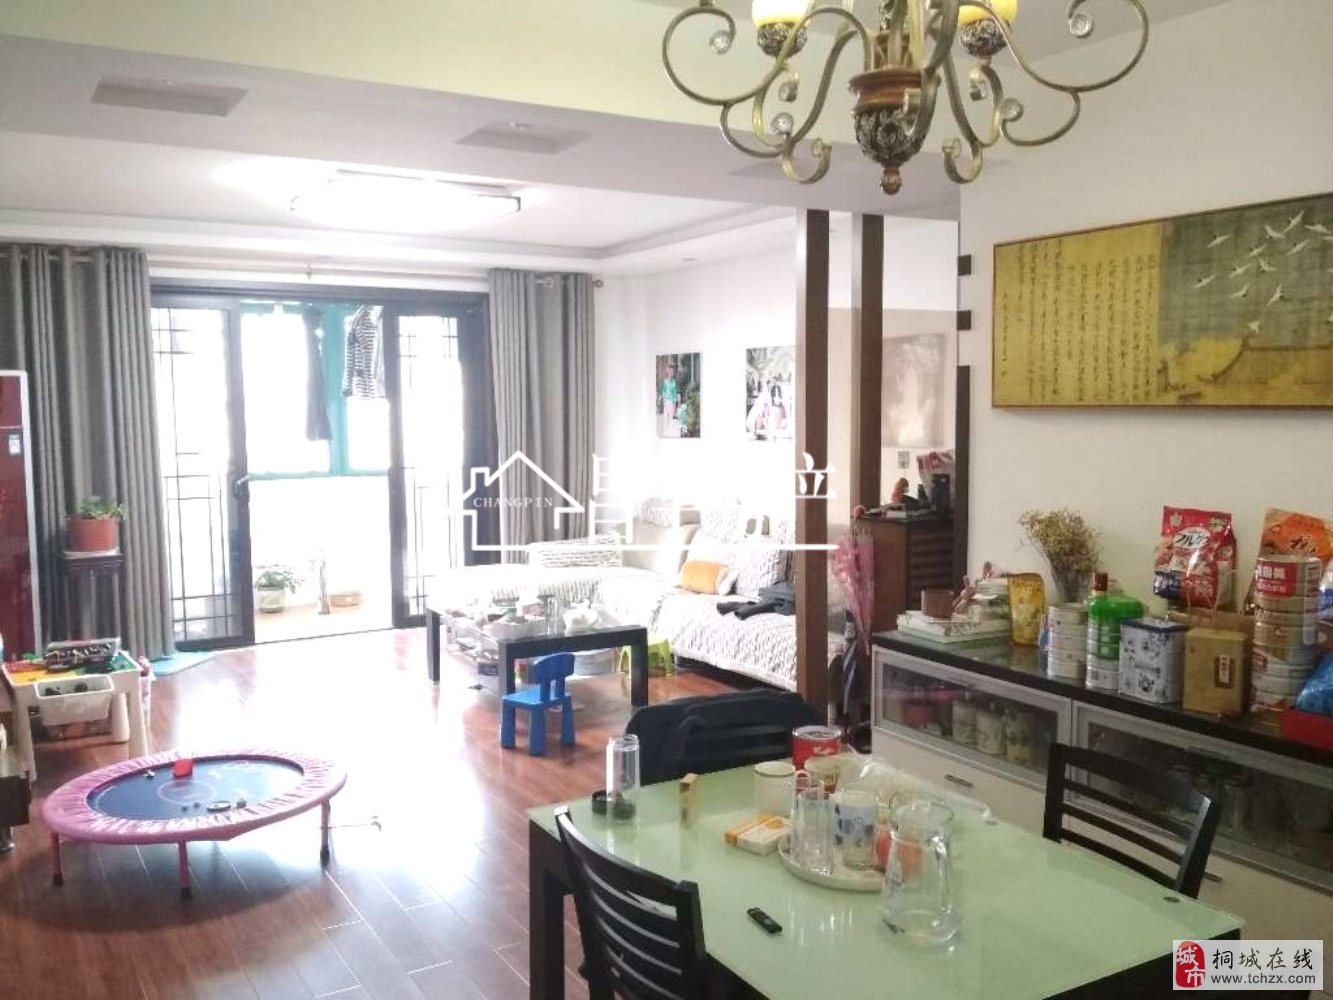 华日快乐家园精装修3室2厅2卫现售65万元